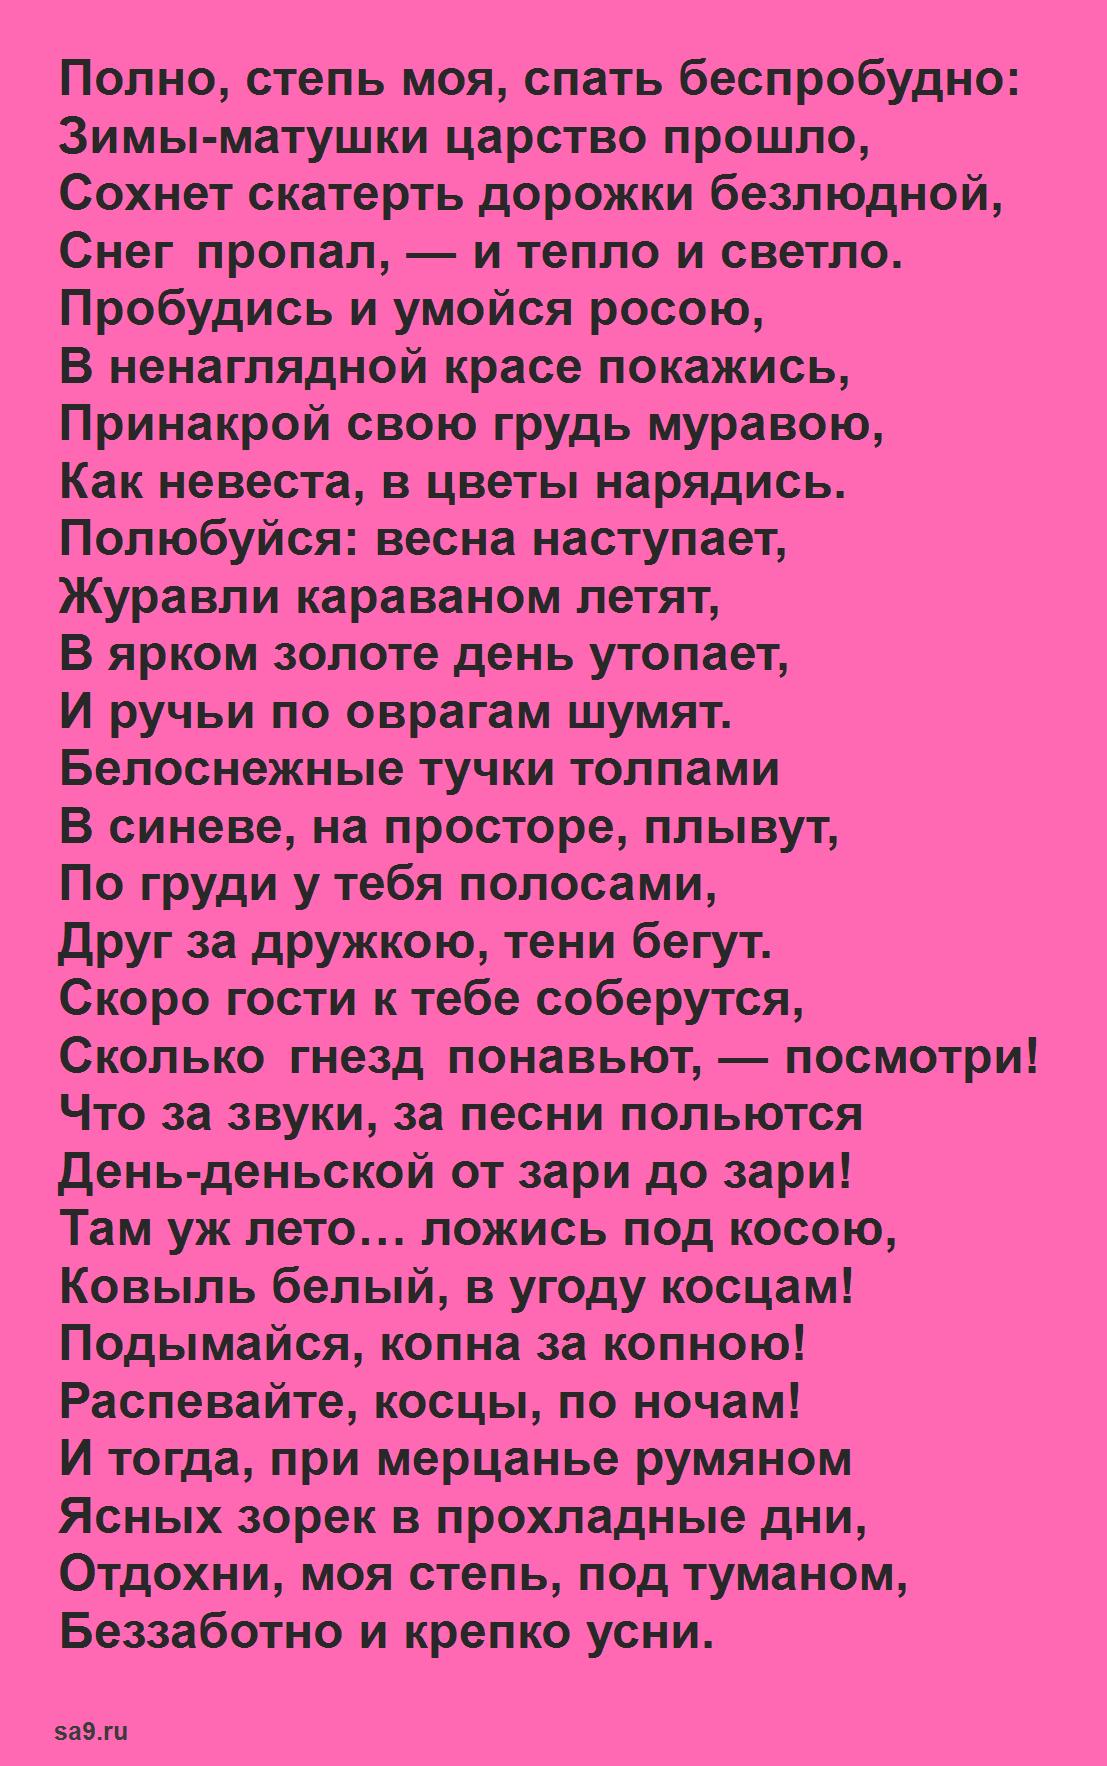 Стихи Никитина о природе - Полно степь моя спать безпробудно